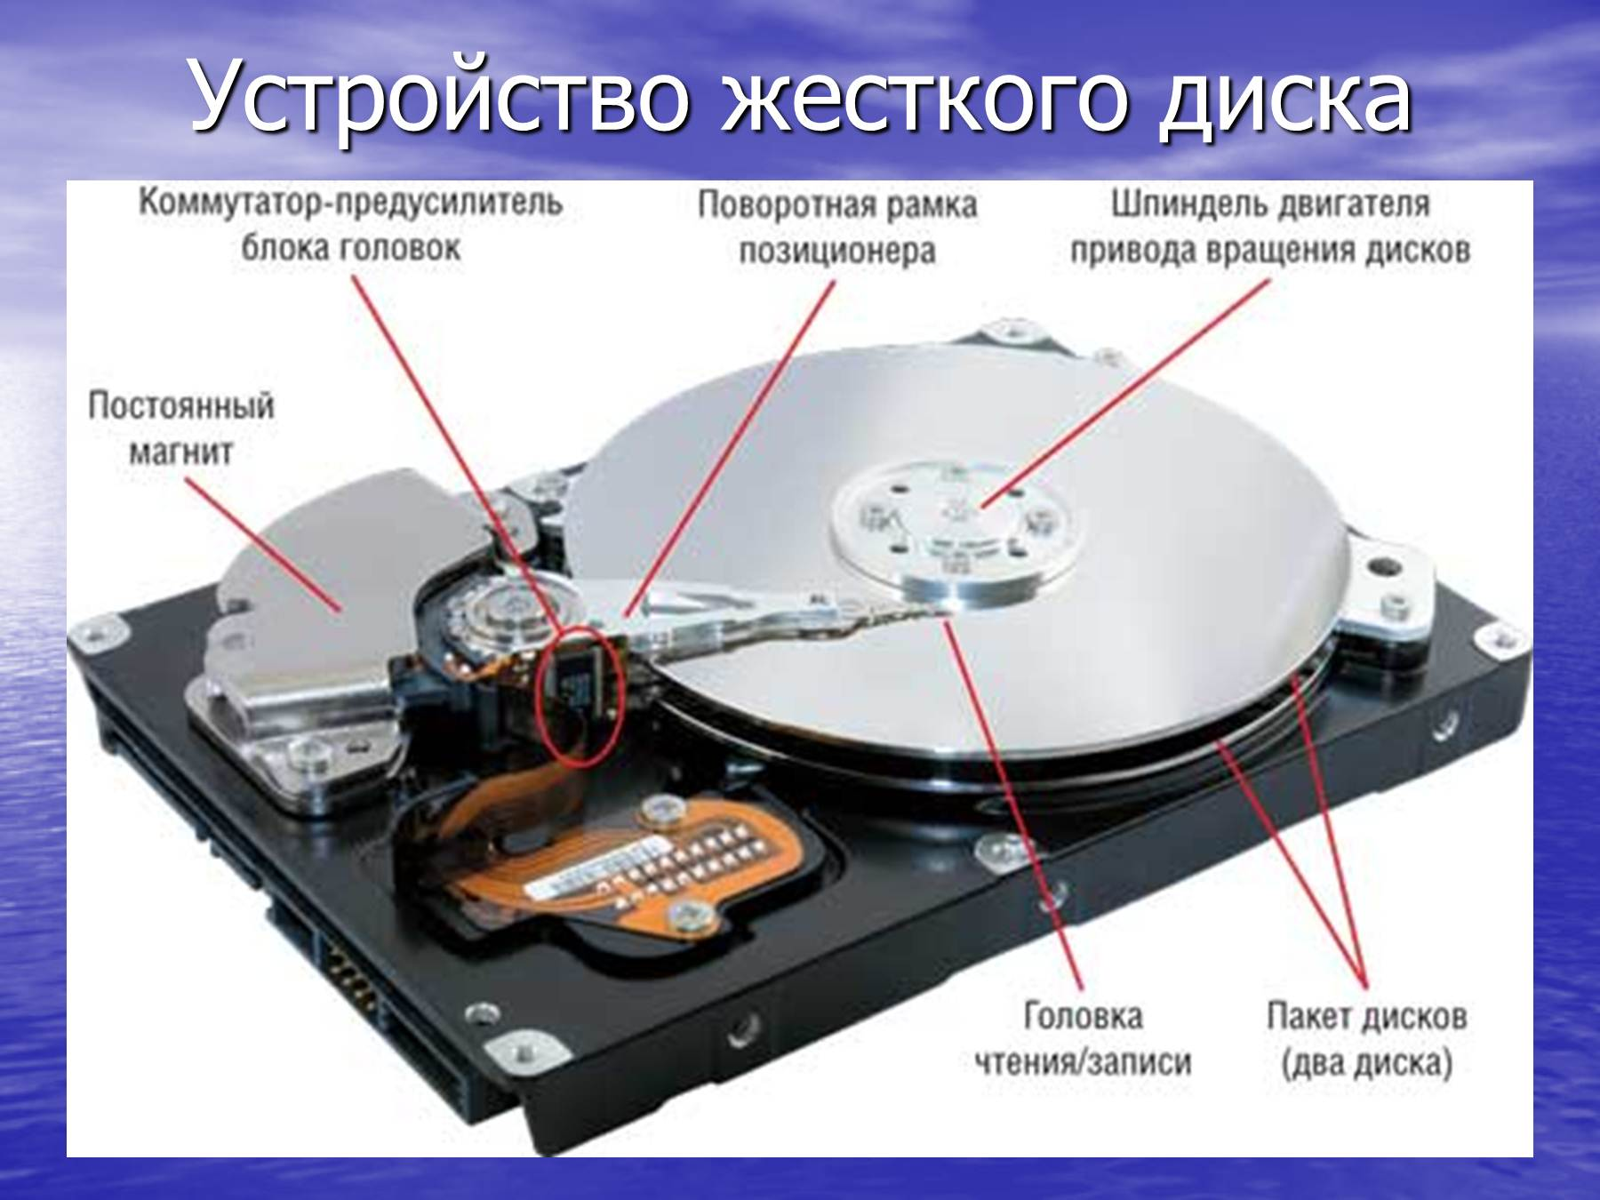 Описание основных проблем с определением жесткого диска на ноутбуке